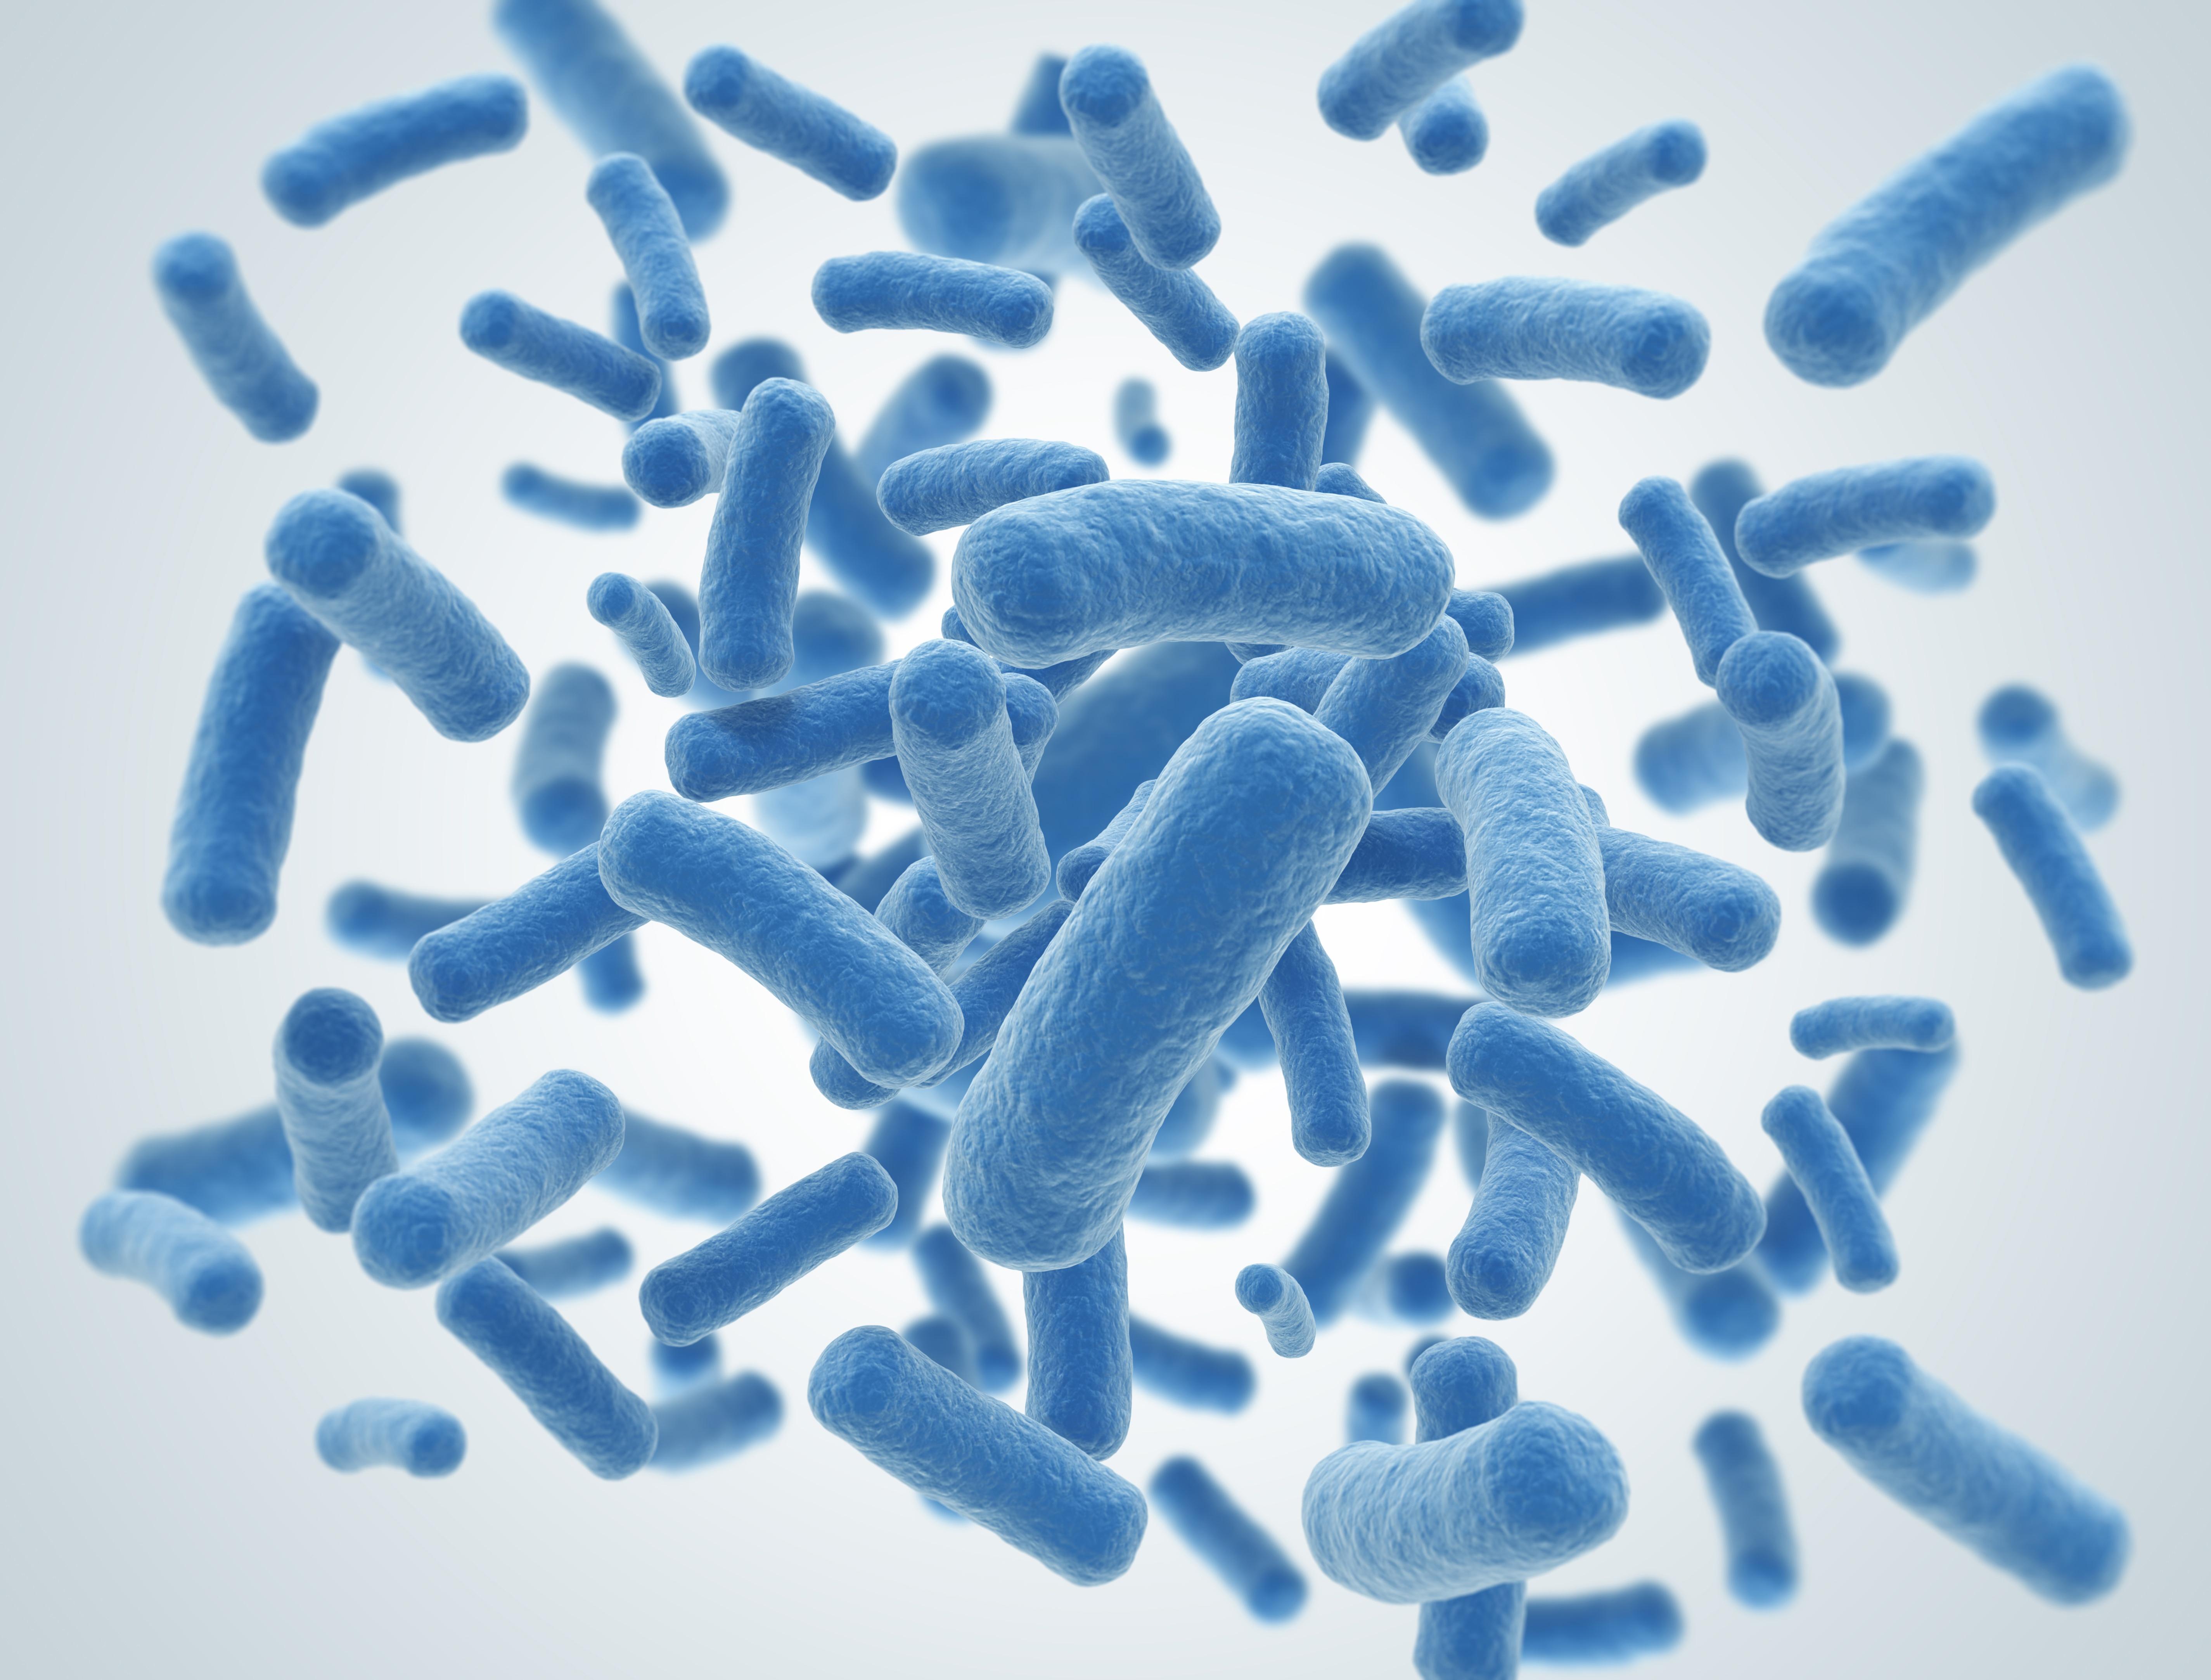 Probiotic_bacteria_2.jpg